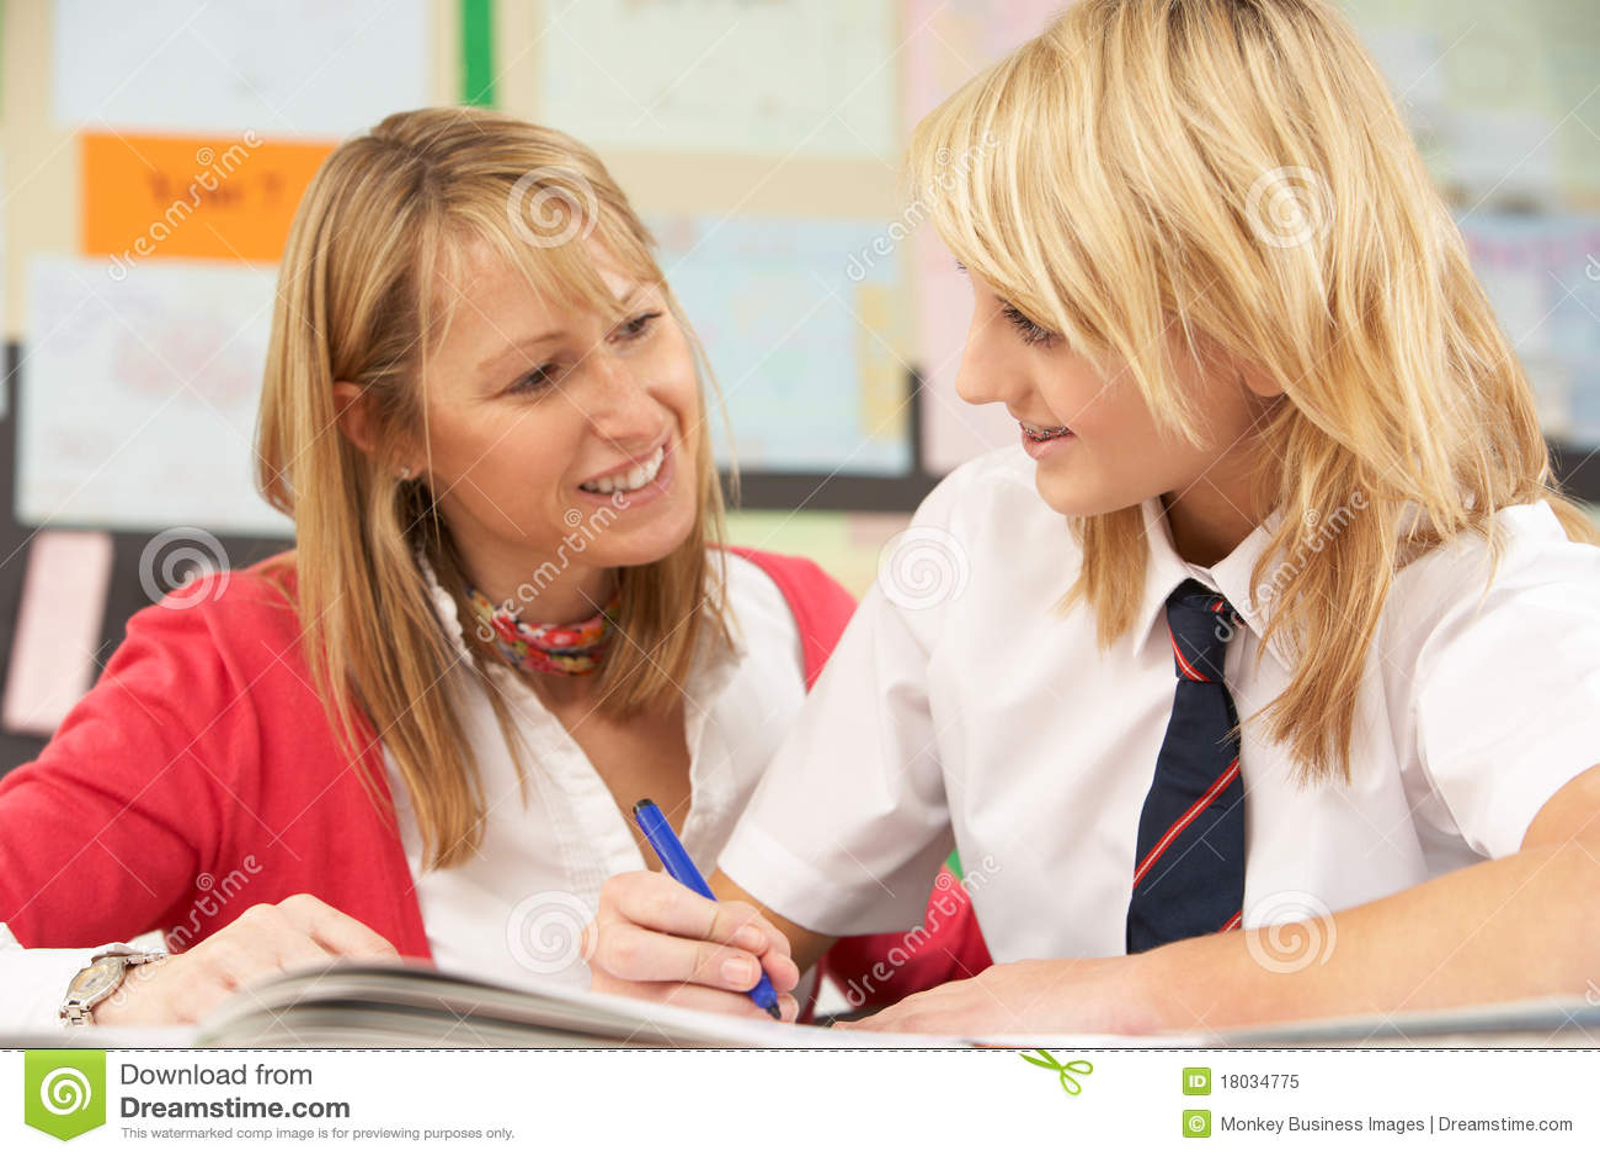 Учительница и старшеклассник 14 фотография